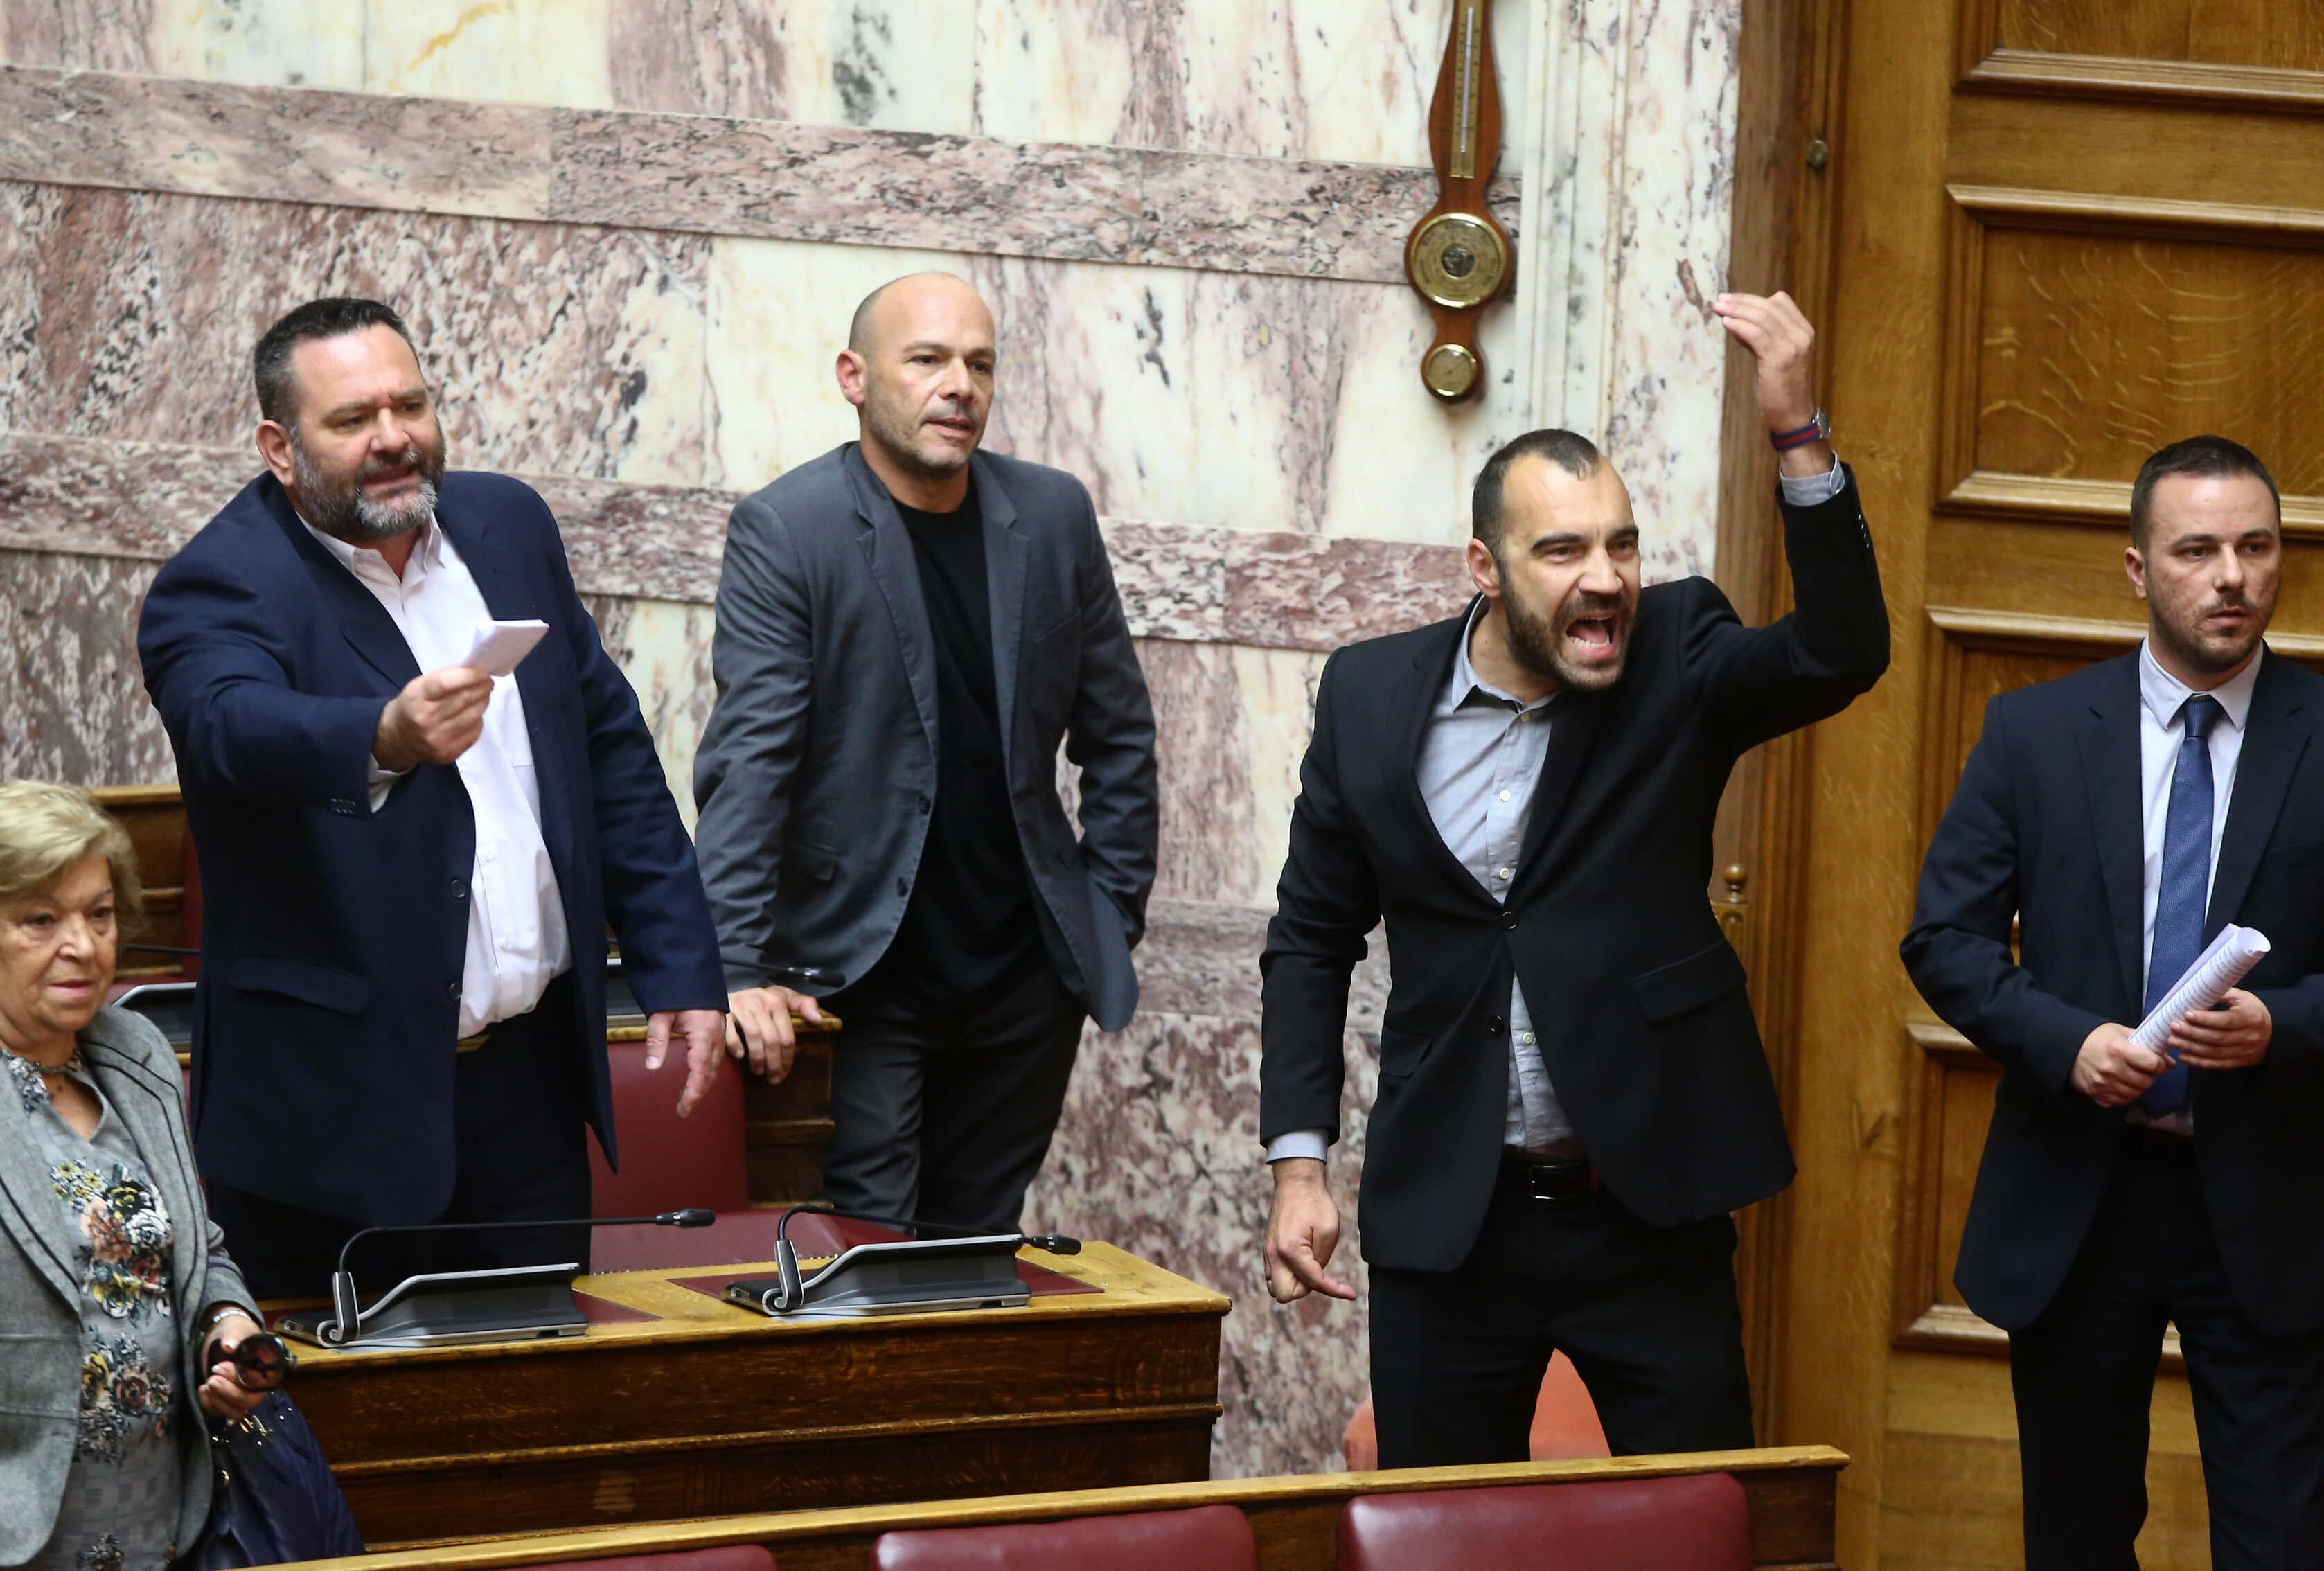 """""""Χαμός"""" ξανά στην Βουλή με την Χρυσή Αυγή! """"Επίθεση"""" στο ΚΚΕ και αποχώρηση από την αίθουσα"""